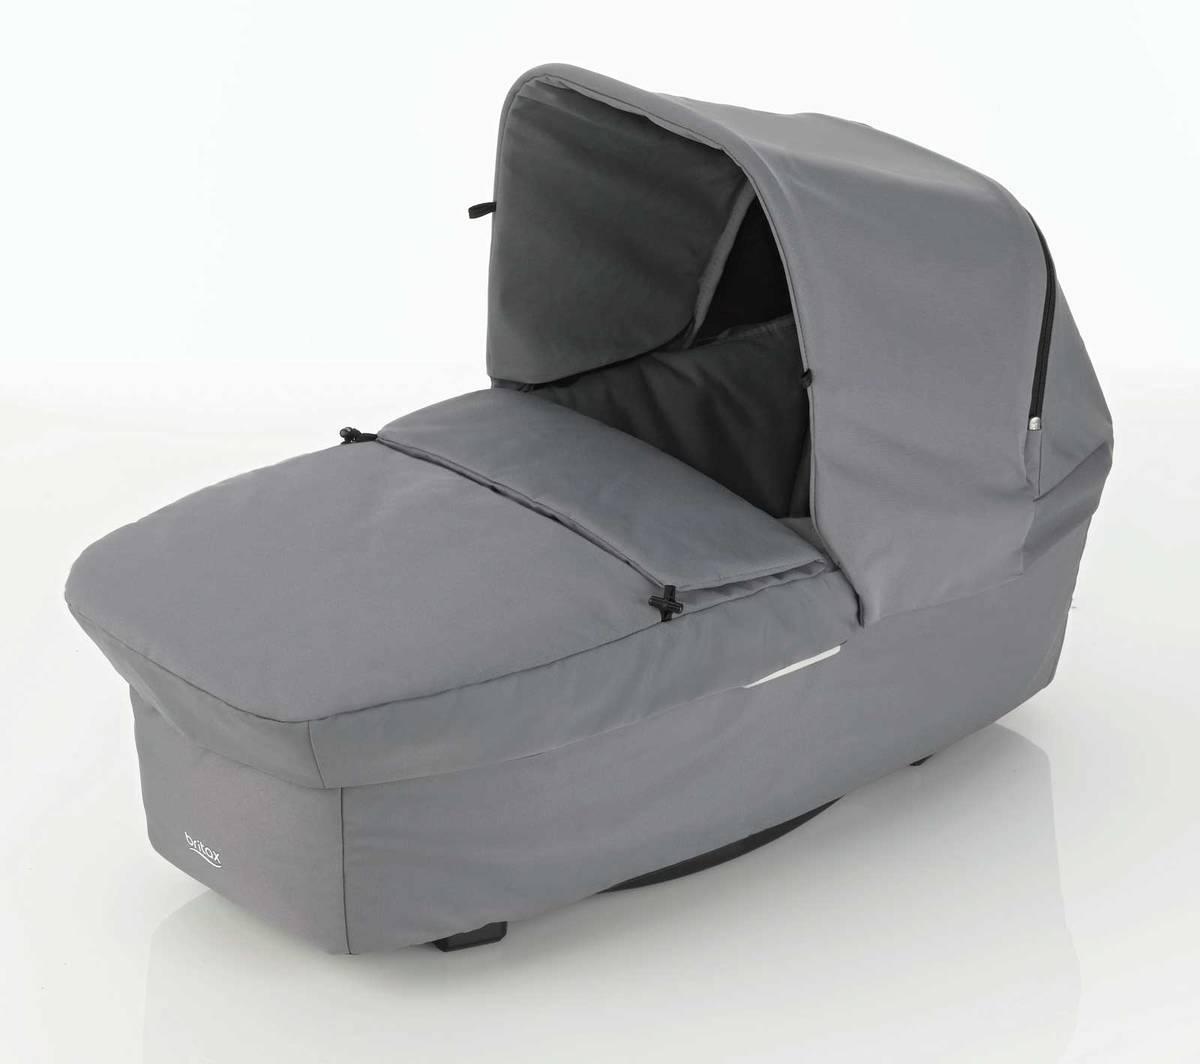 Steel Grey - Vaunukopat - 4000984101 - 1